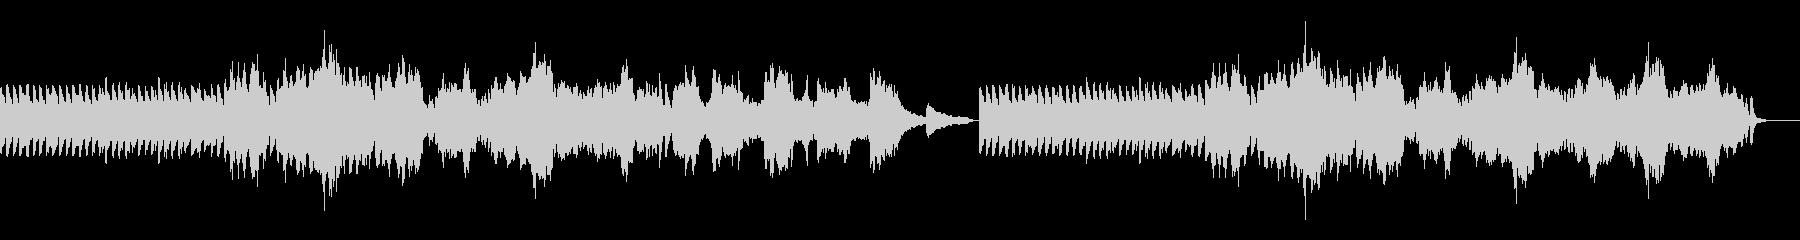 ヴァイオリンの感傷的な音楽の未再生の波形